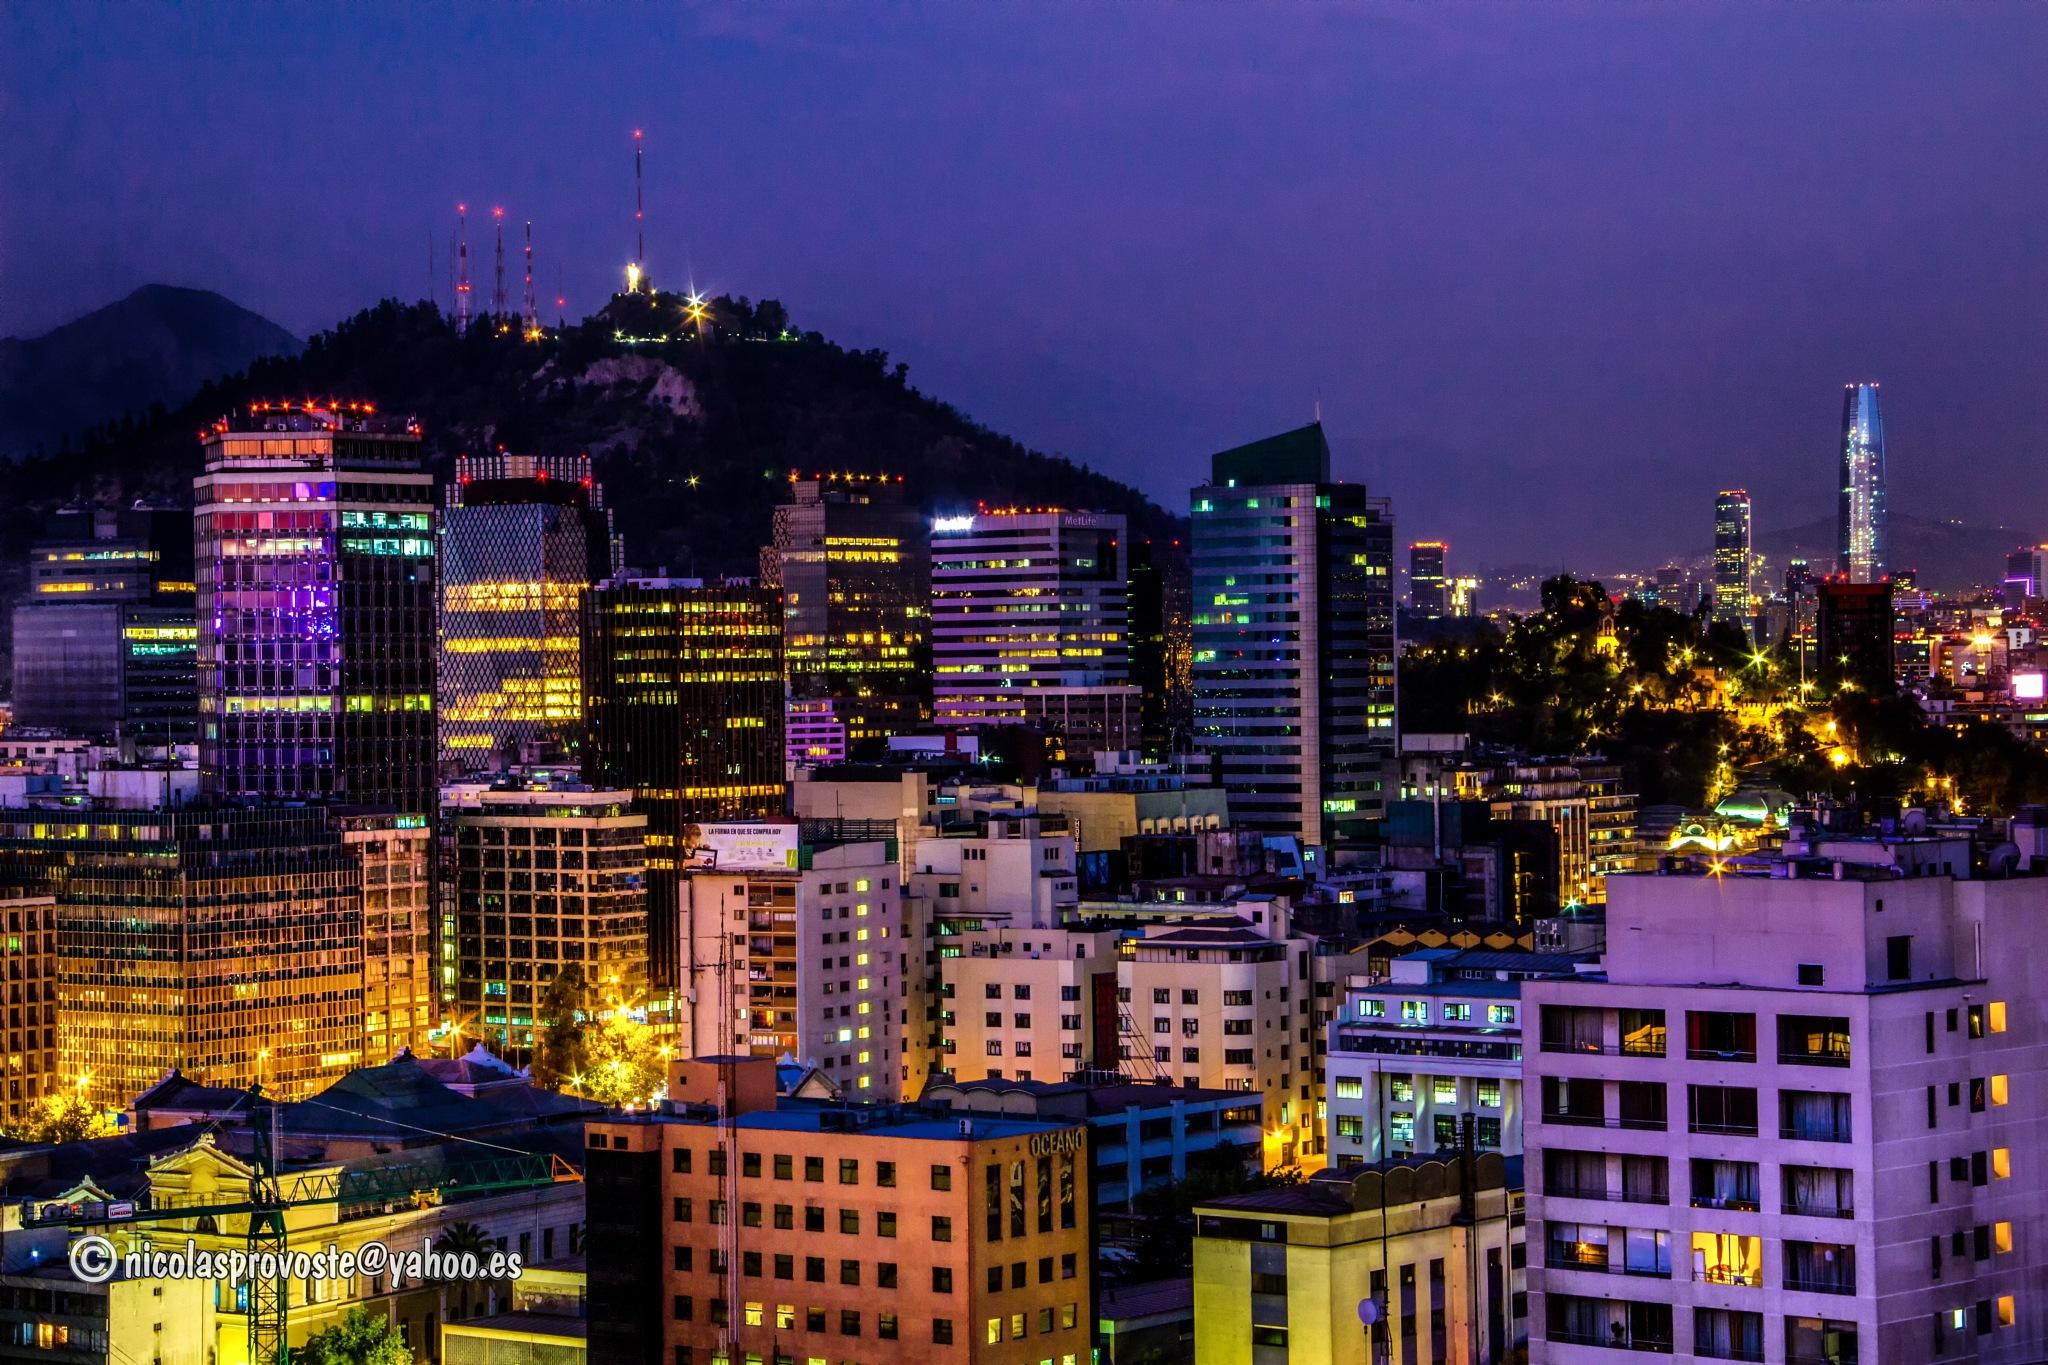 Santiago nocturno by nicolasprovoste